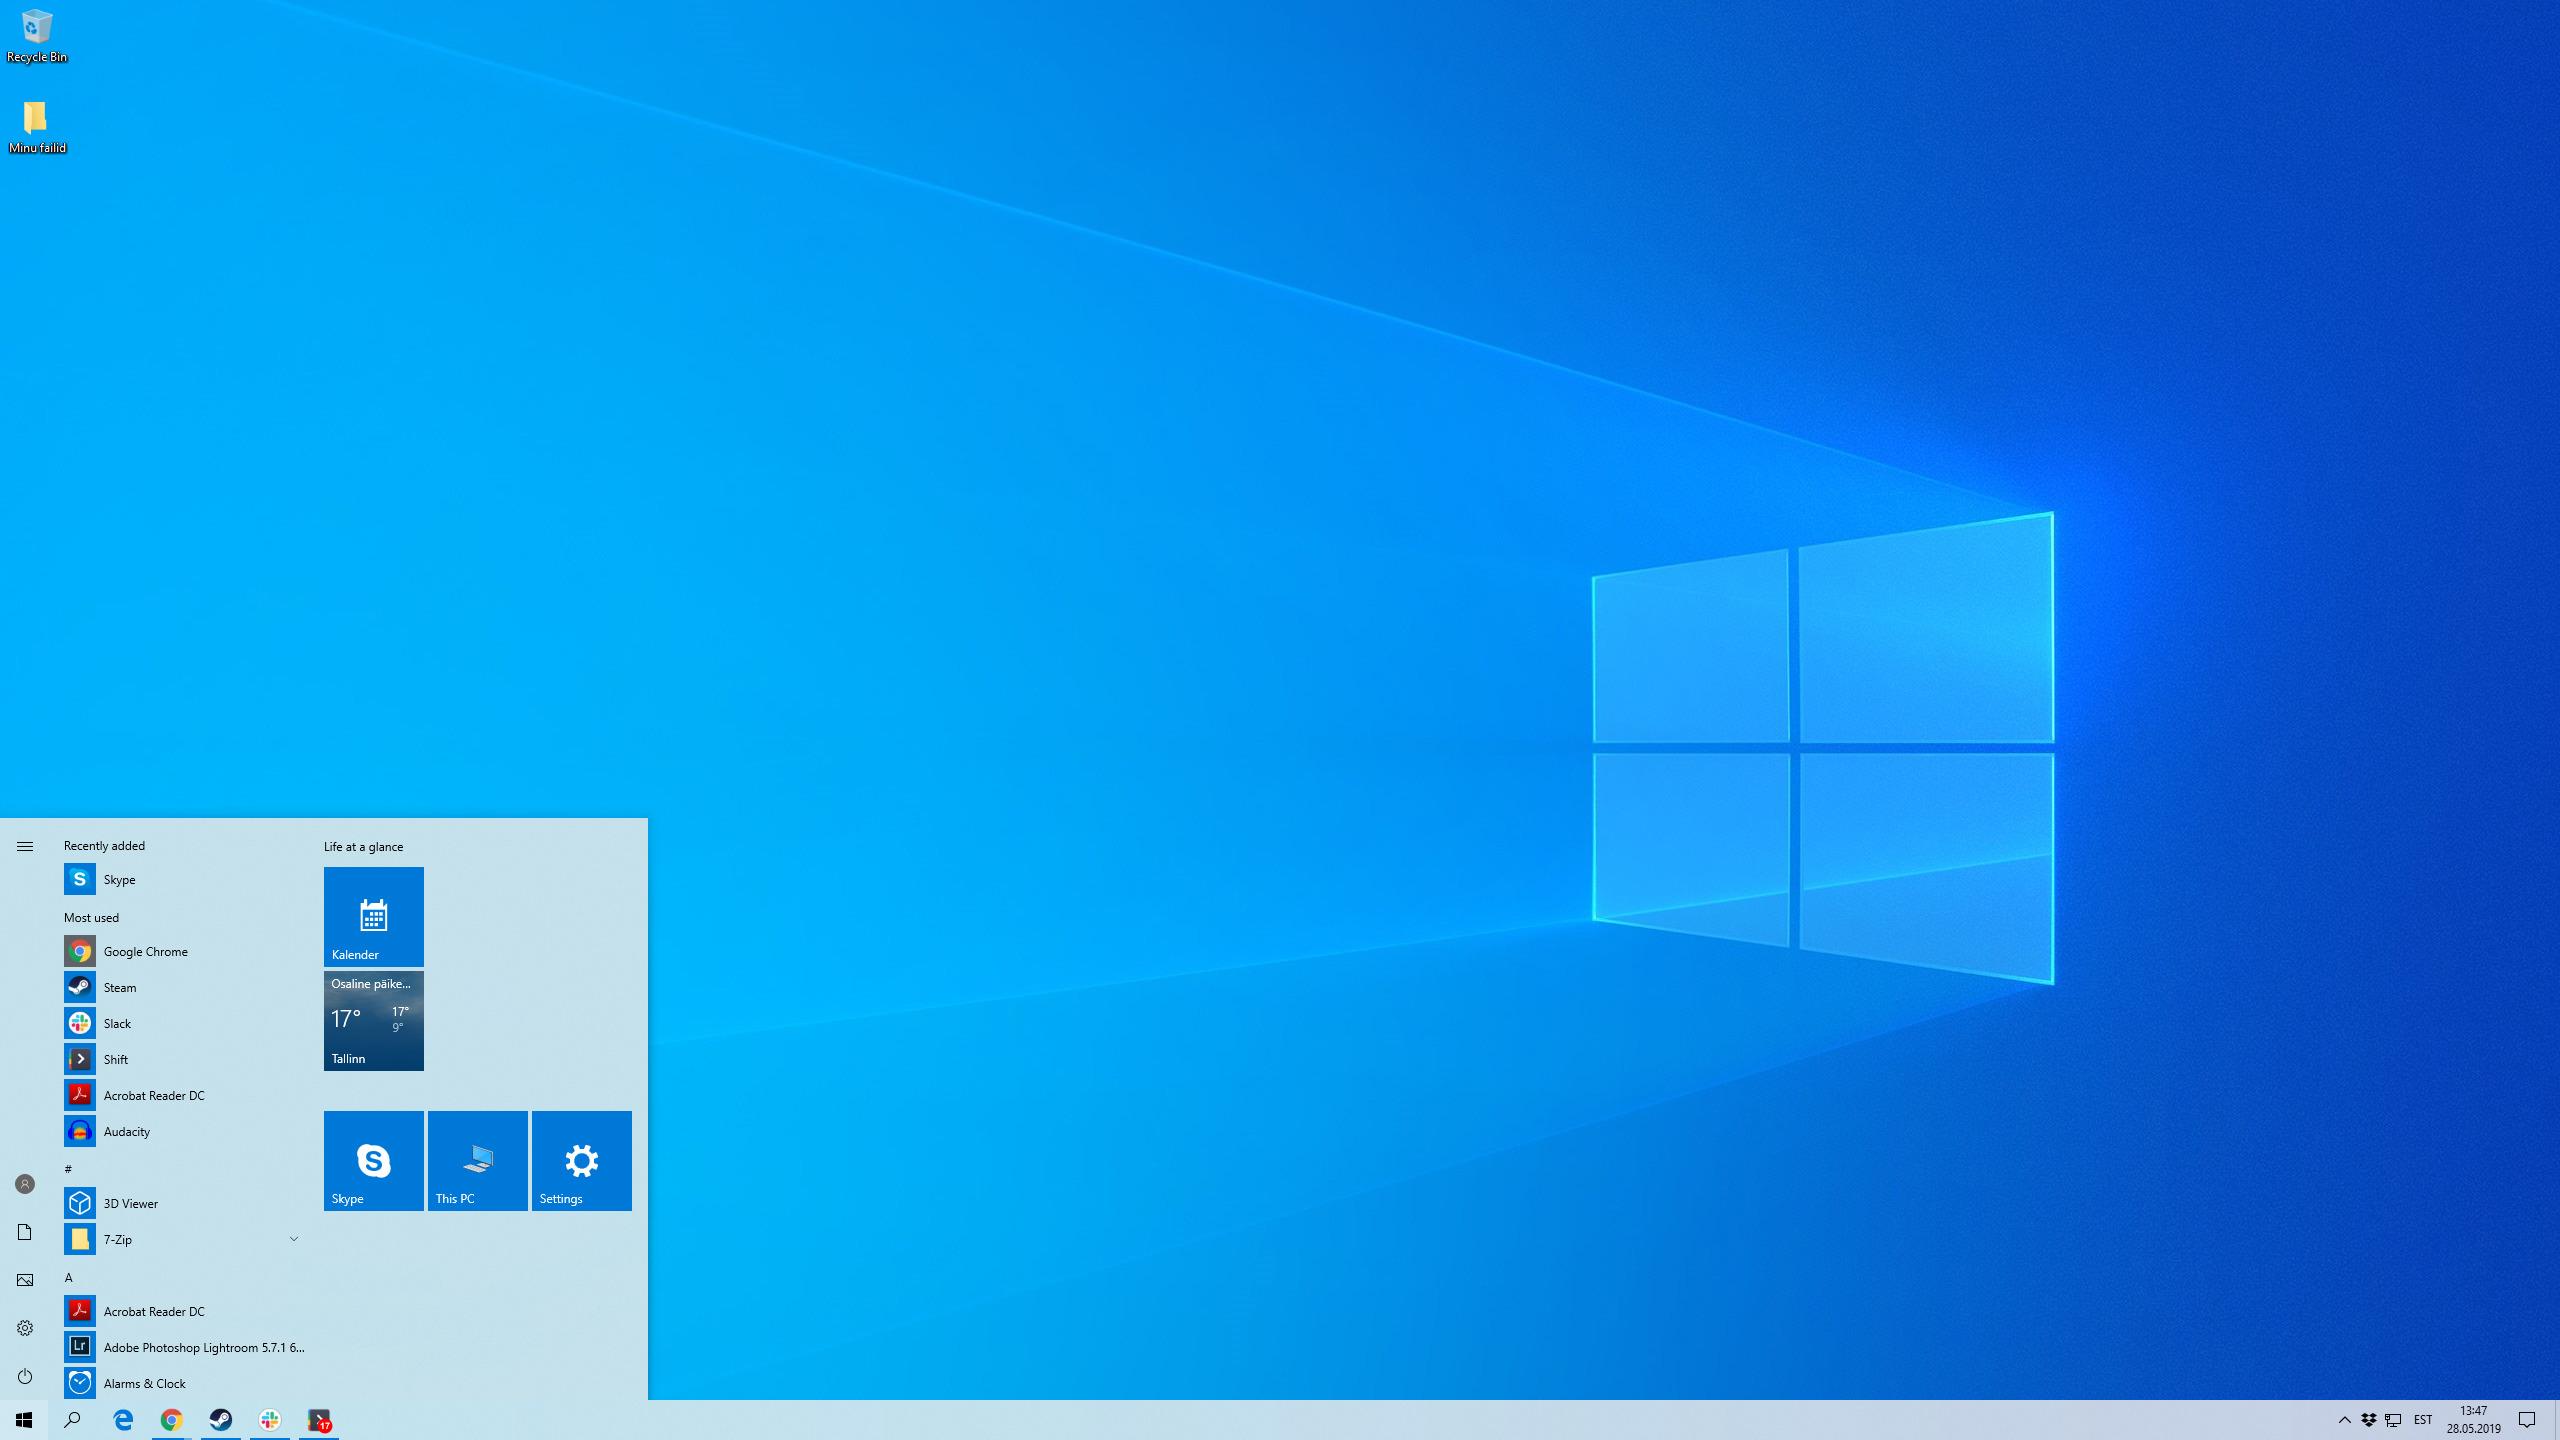 a5248eab5bf Kui kõik eelnevad vajalikud uuendused on installitud, peakski arvuti ka  seda välja pakkuma. Kui ei paku, siis võib juhtuda, et tekib sinna  valikusse hiljem, ...